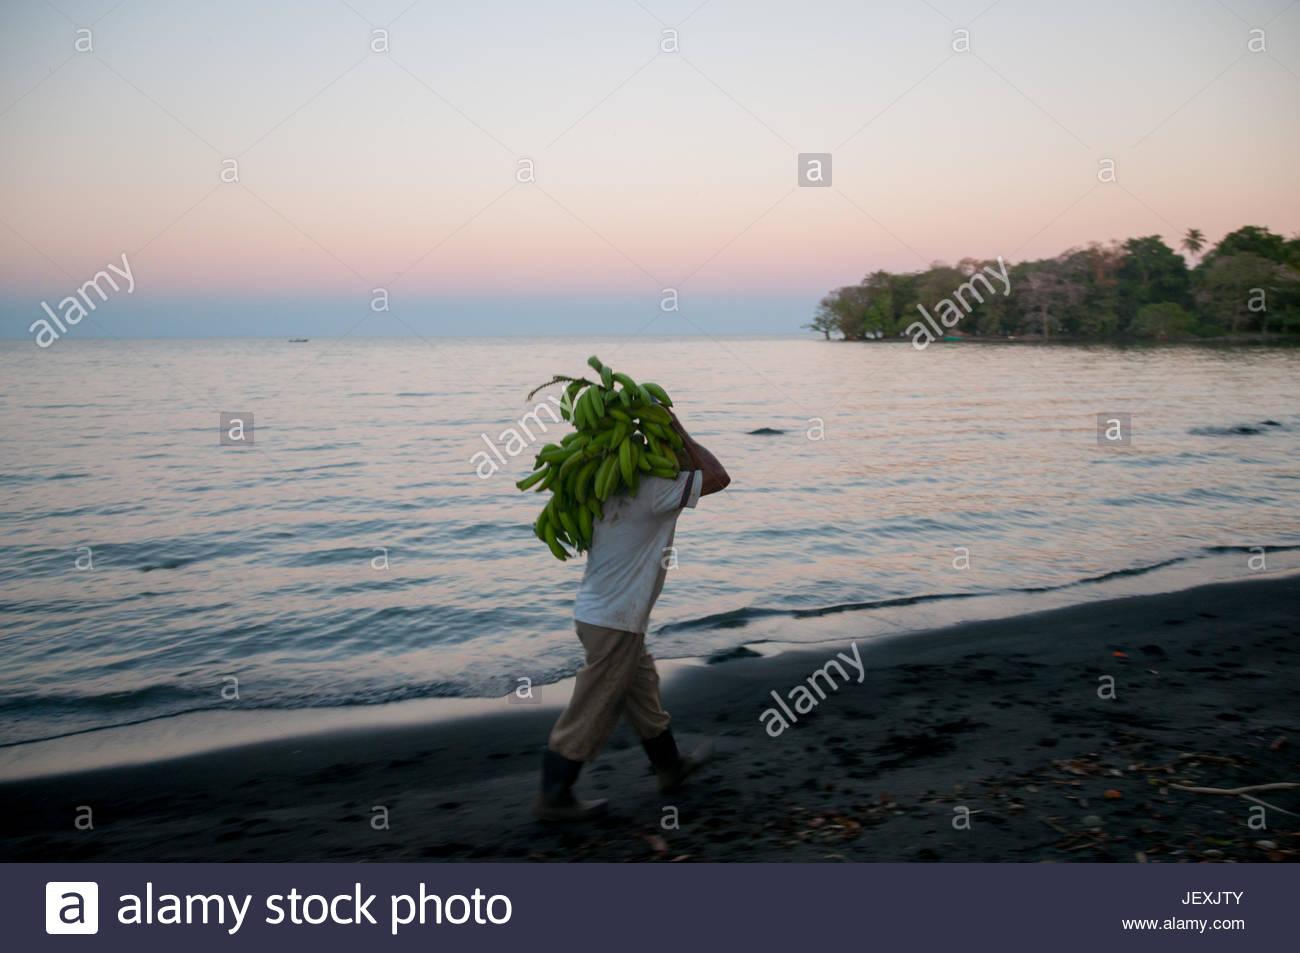 Un agricoltore vettori banane al villaggio di Altagracia, sull isola di Ometepe, Lago di Nicaragua. Immagini Stock